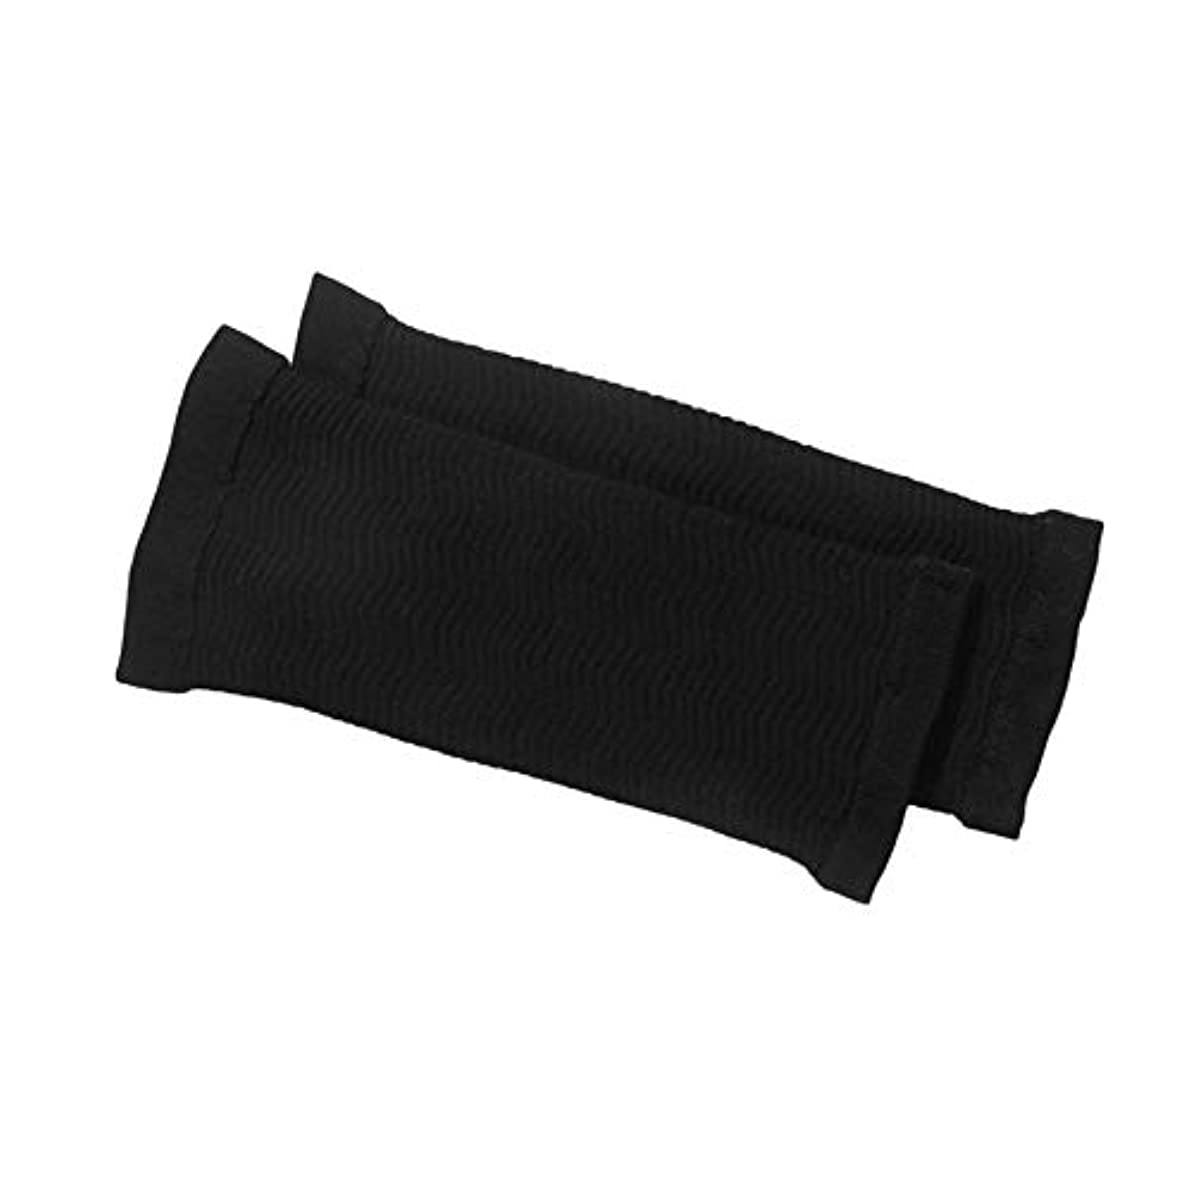 実験的酸っぱい関係ない1ペア420 D圧縮痩身アームスリーブワークアウトトーニングバーンセルライトシェイパー脂肪燃焼袖用女性 - 黒